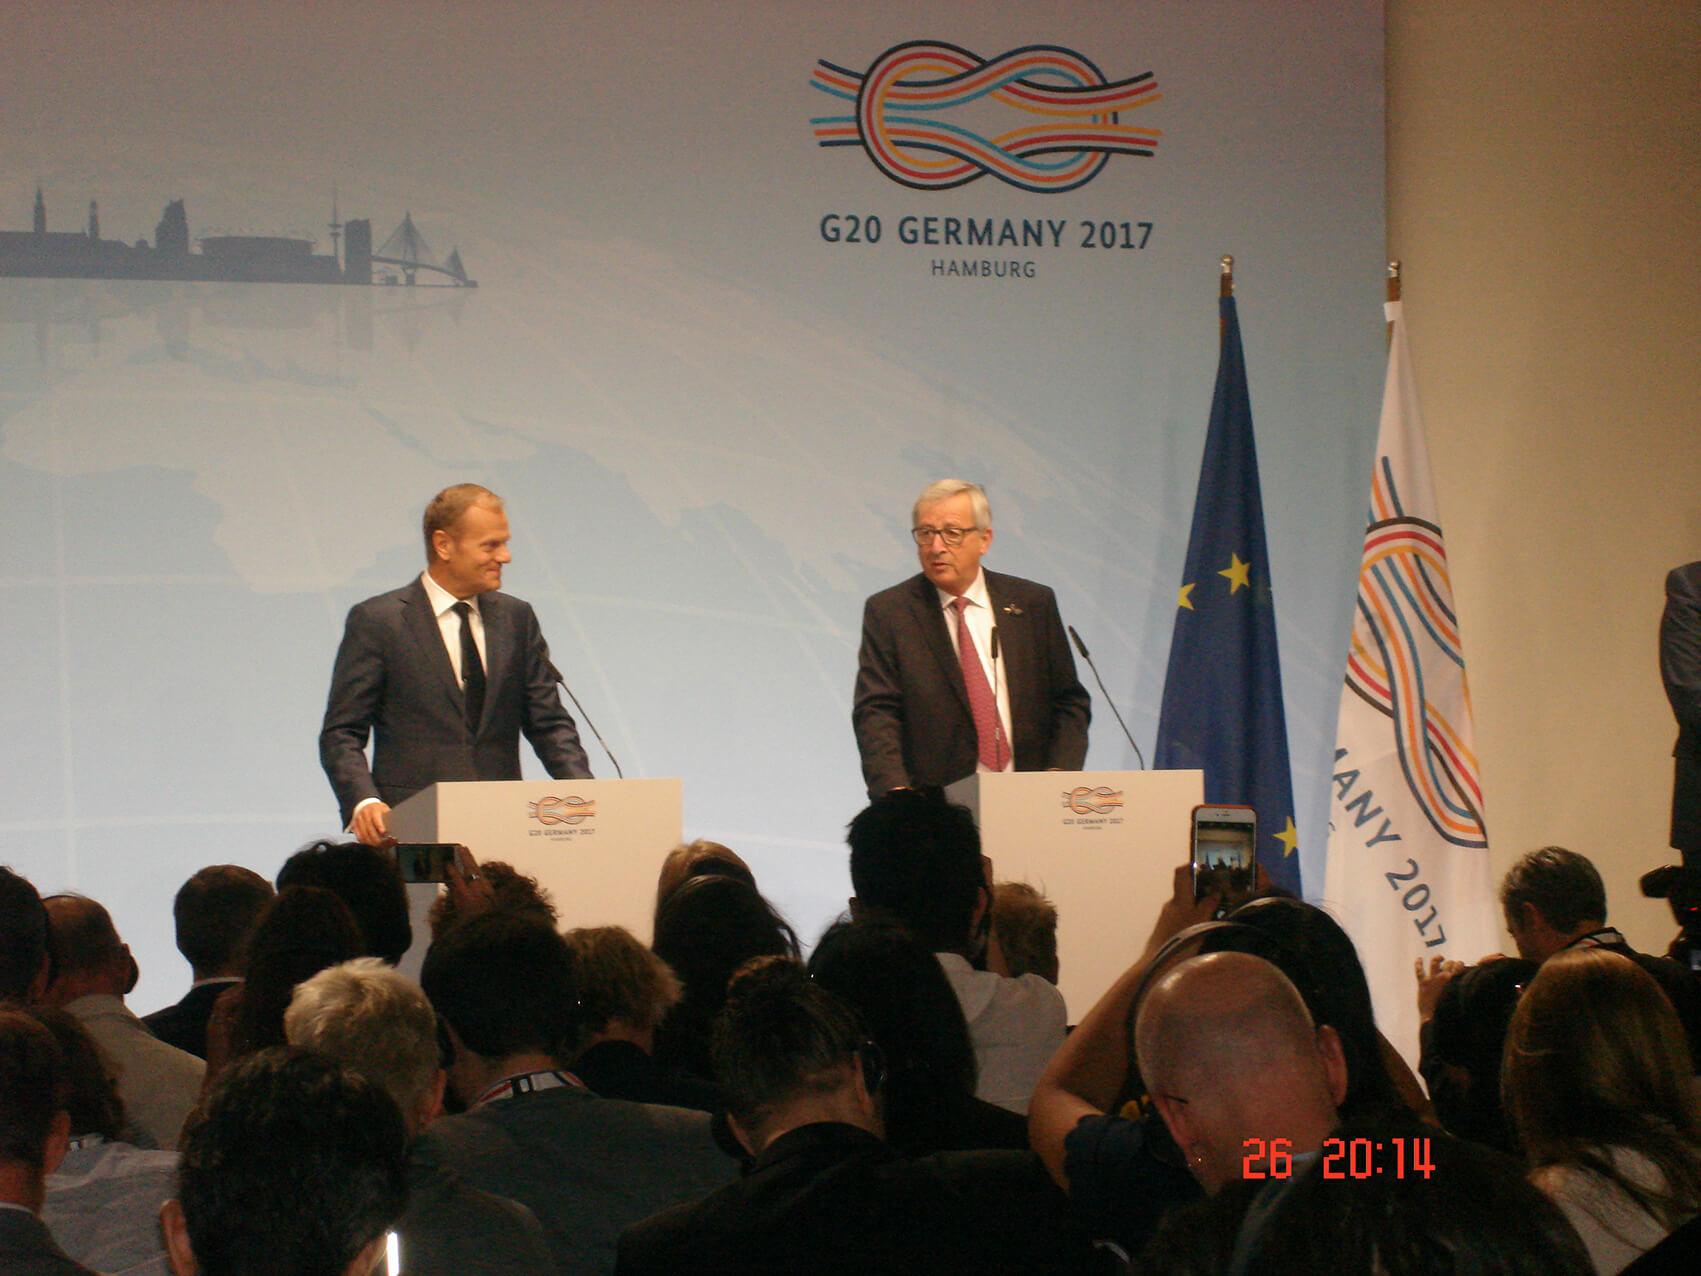 Donald Tusk, Präsident des Europäischen Rates & Jean-Claude Juncker, Präsident der Europäischen Kommission